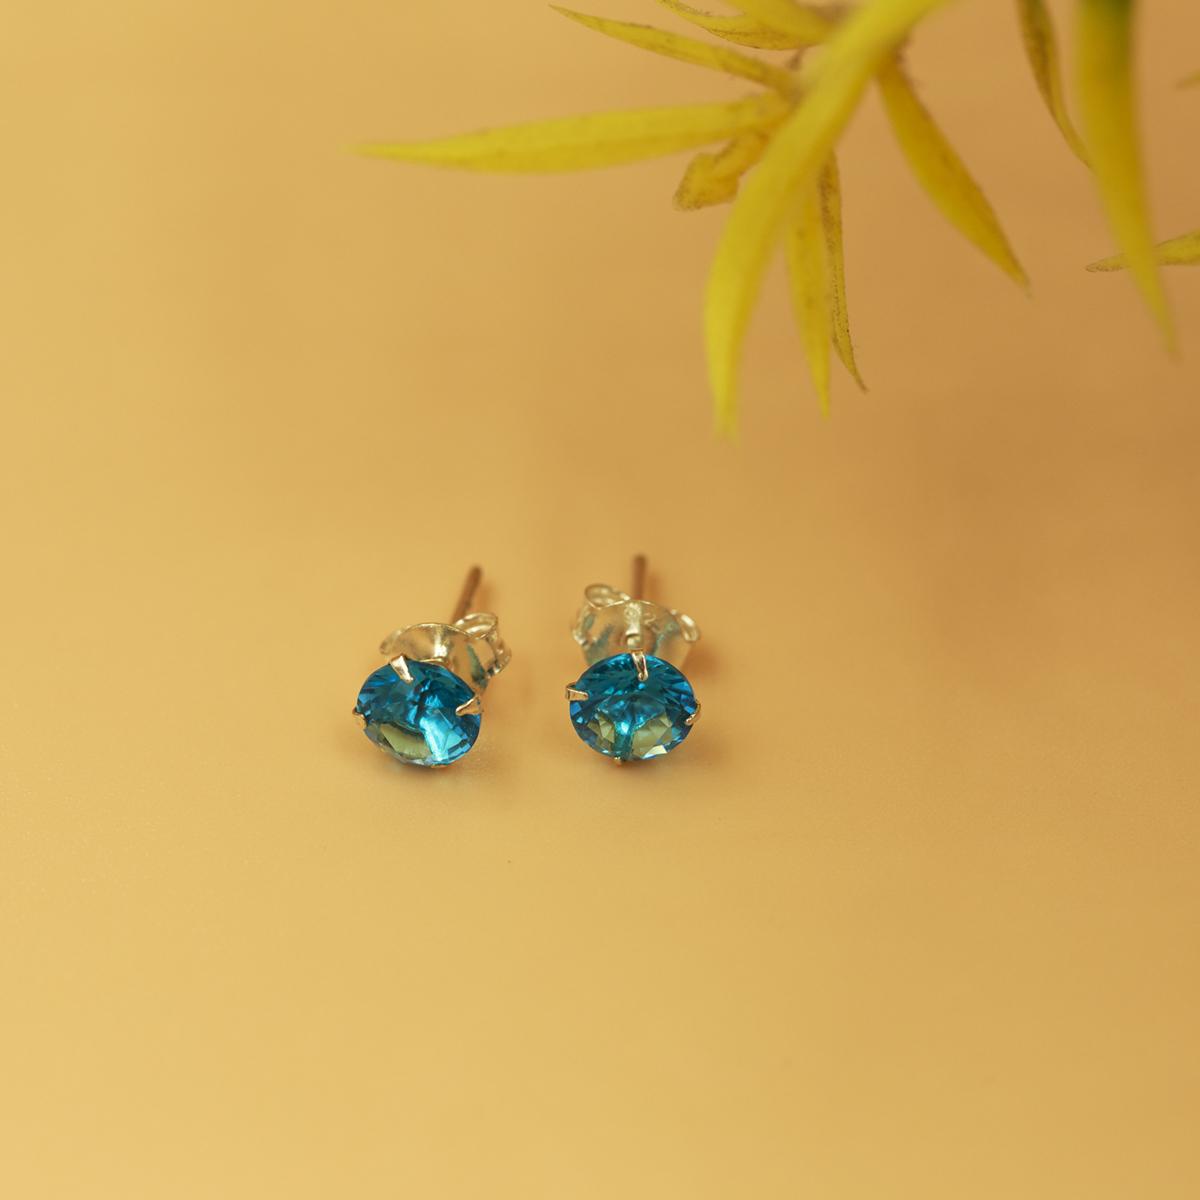 Hoa tai nụ đá xanh biển Opal - E3 giá 350.000 đồng; chất liệu bạc 295 phối đá màu tạo điểm nhấn trên đôi tai người đeo.